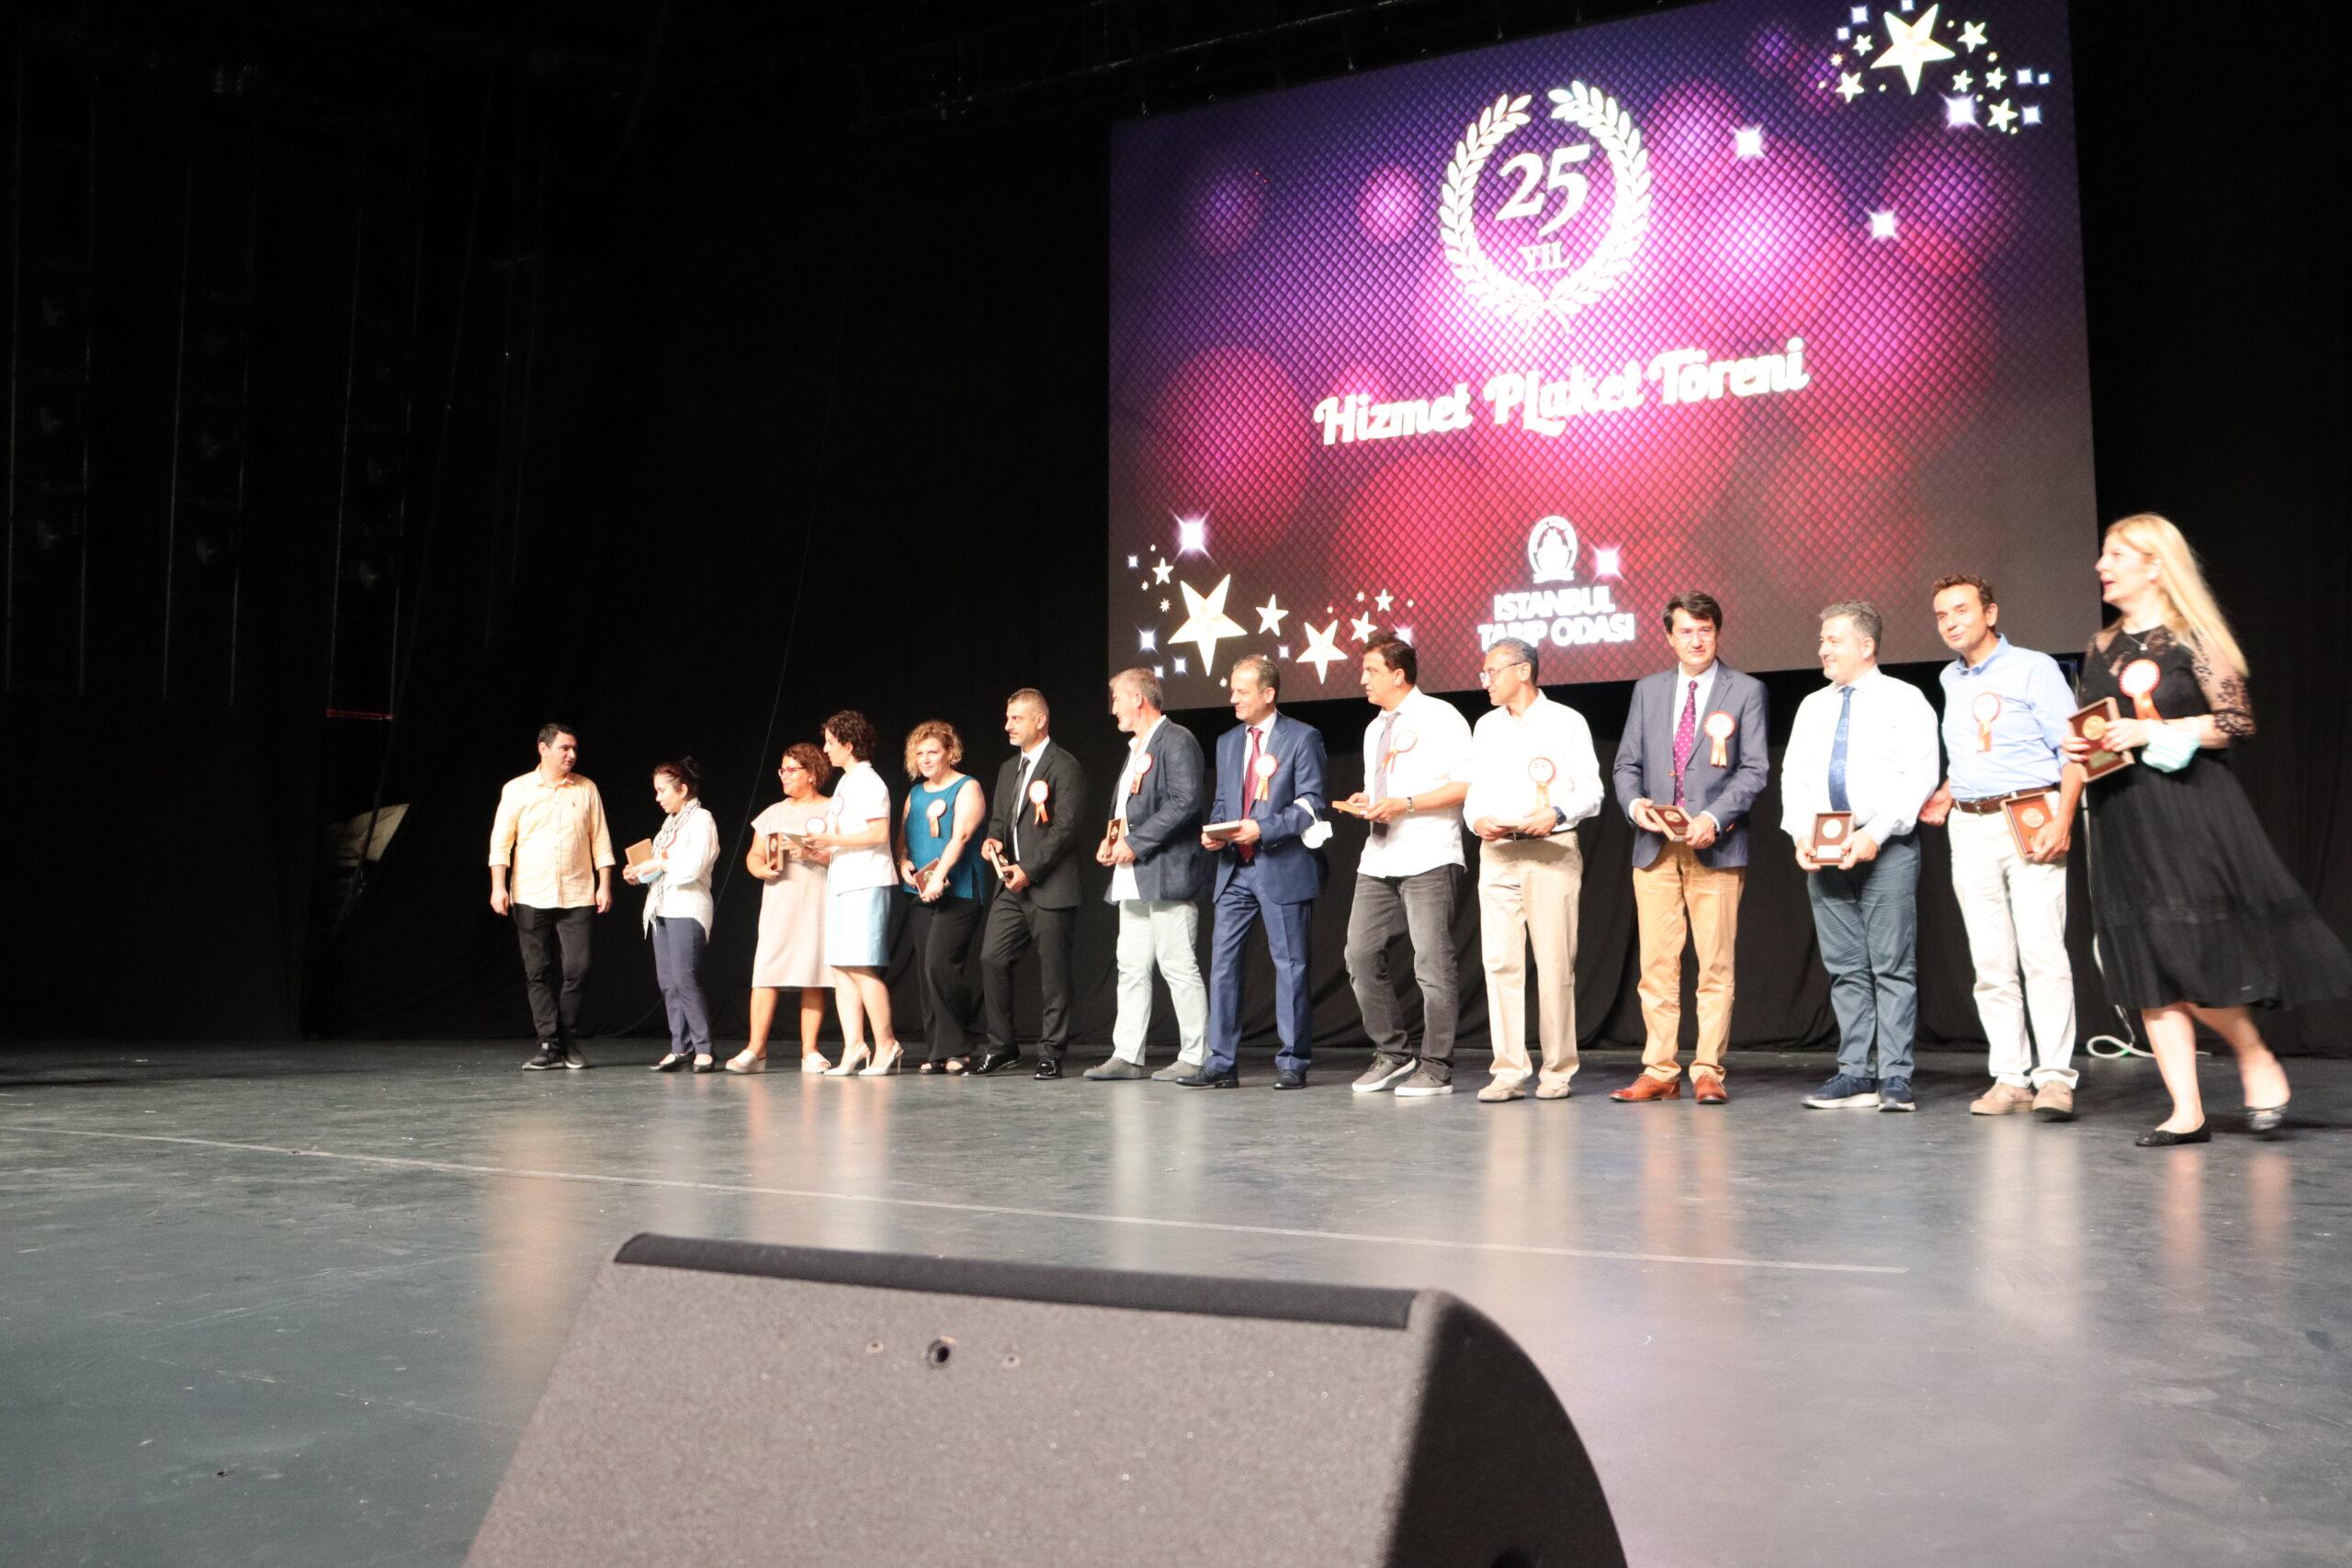 İstanbul Tabip Odası Meslekte 25. Yıl Töreni